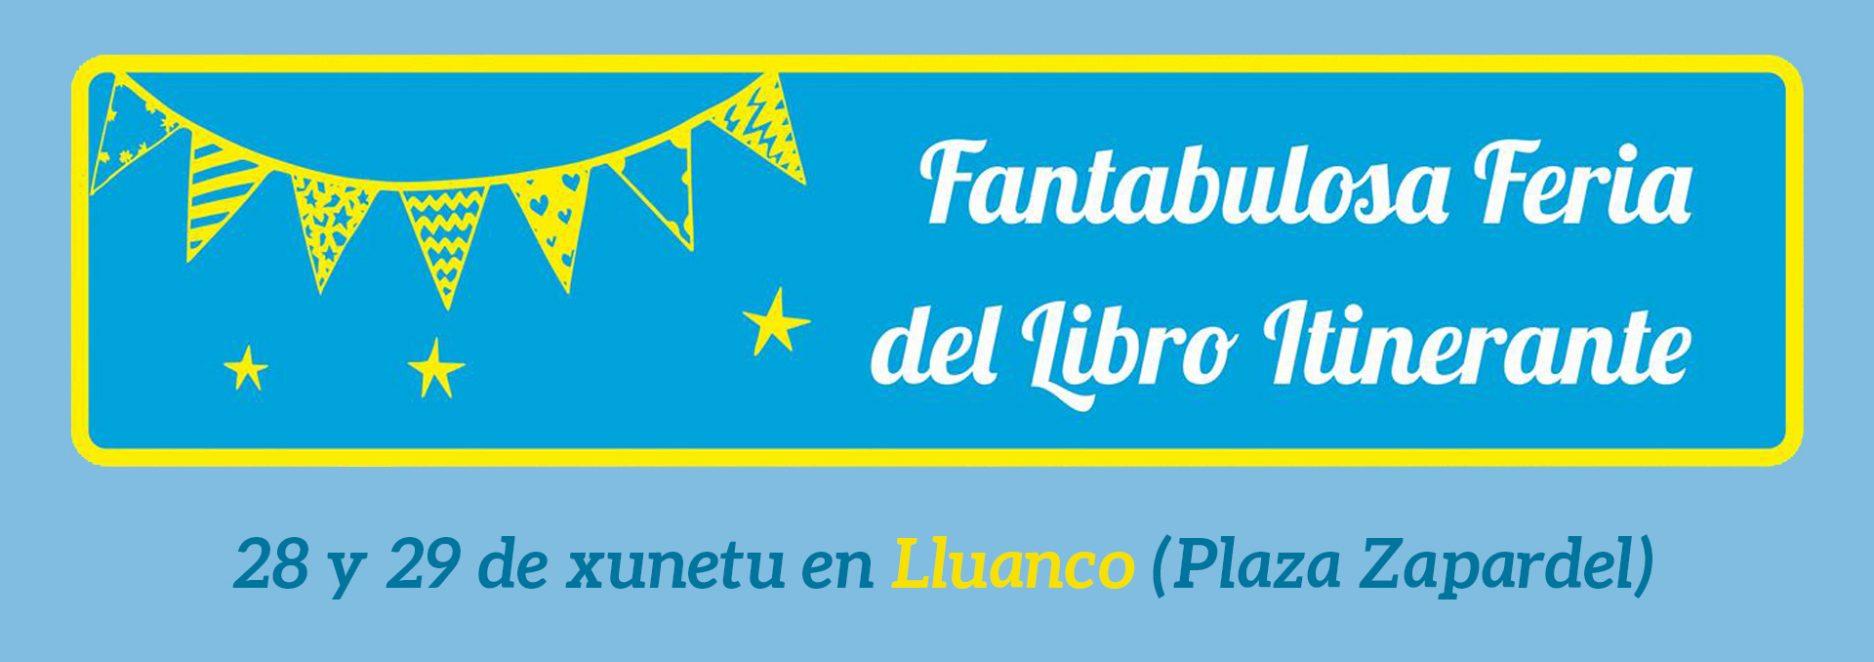 Fantabulosa2018-Lluanco